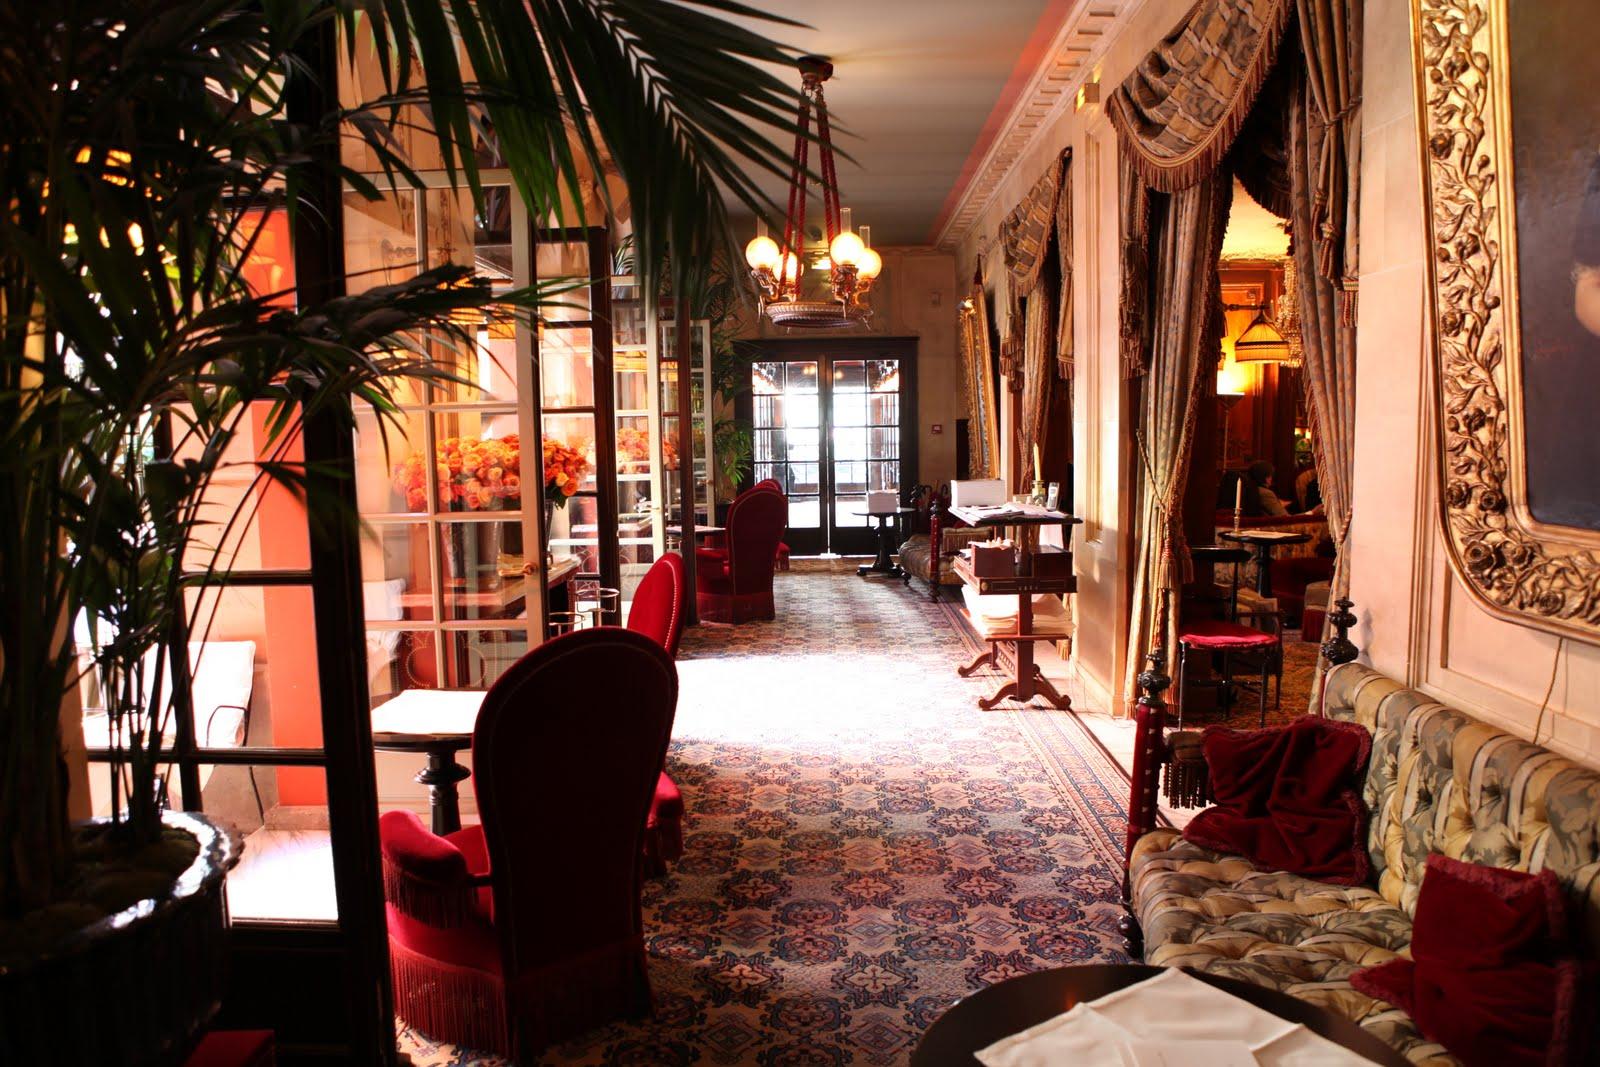 Hotel Le Costes Paris